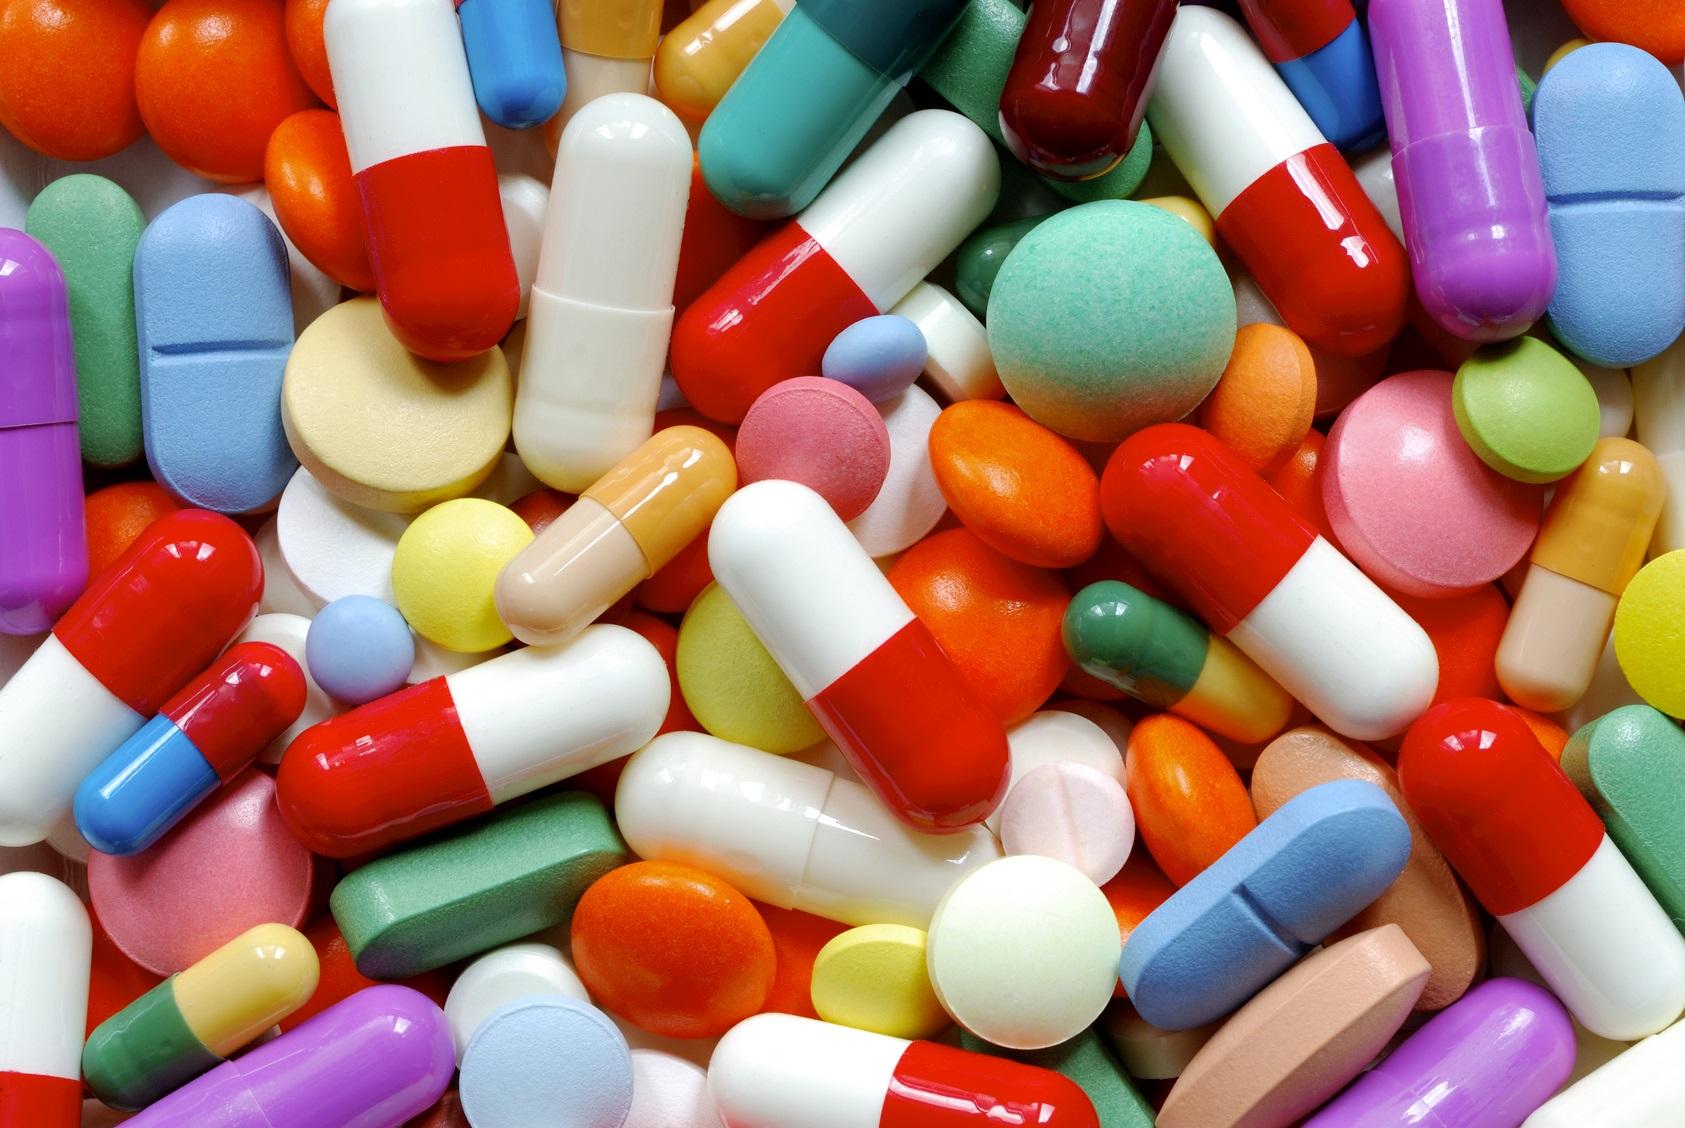 Resistencia a los antibióticos, riesgo creciente: OMS